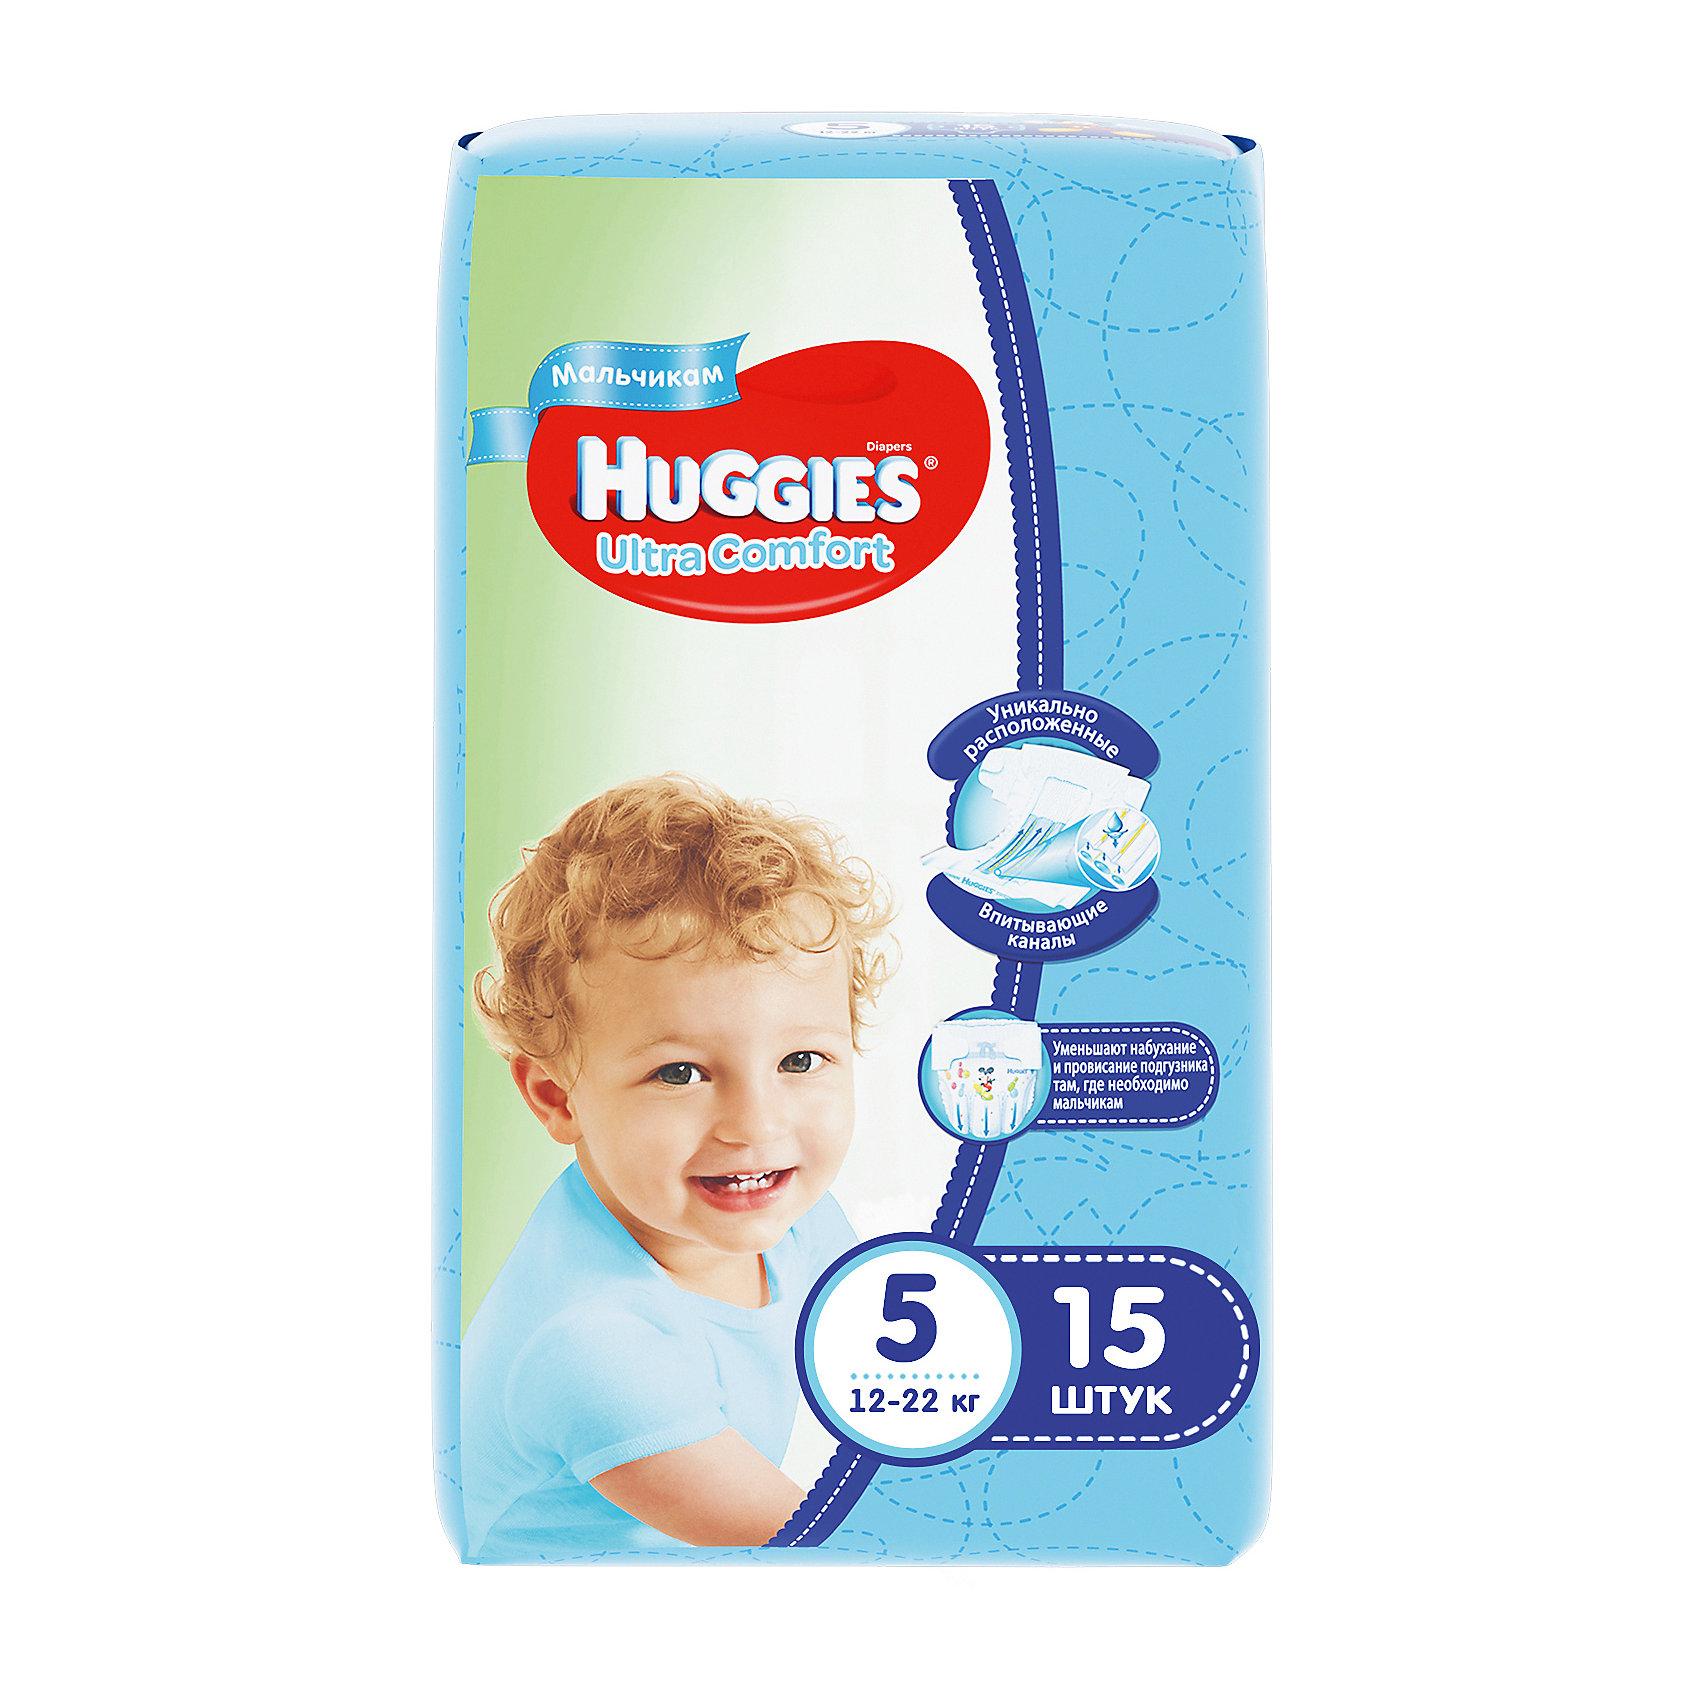 Подгузники Huggies Ultra Comfort для мальчиков (5) 12-22 кг, 15 шт. (HUGGIES)